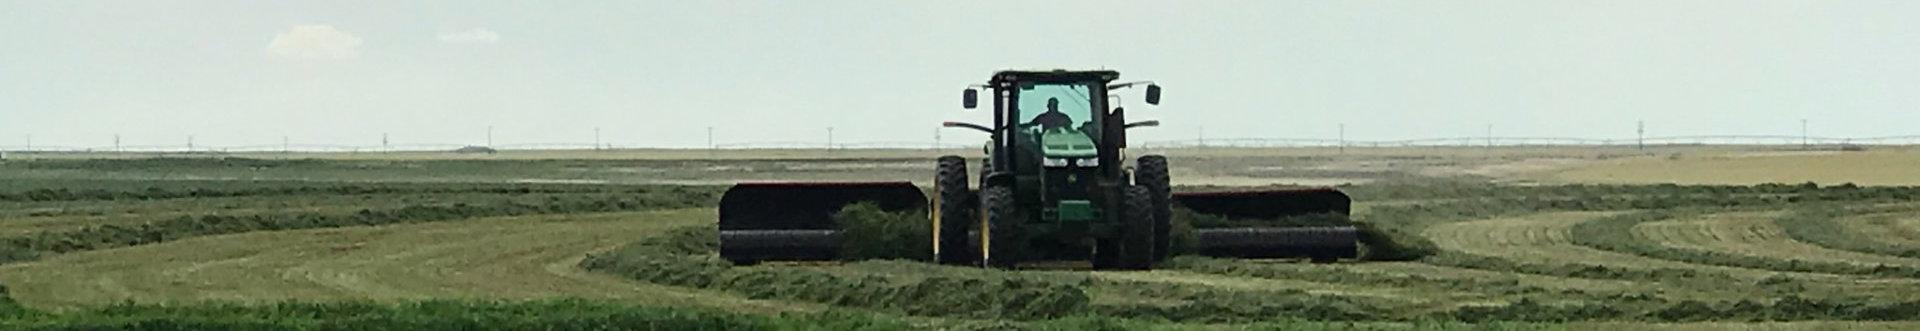 chopper cleaning grass